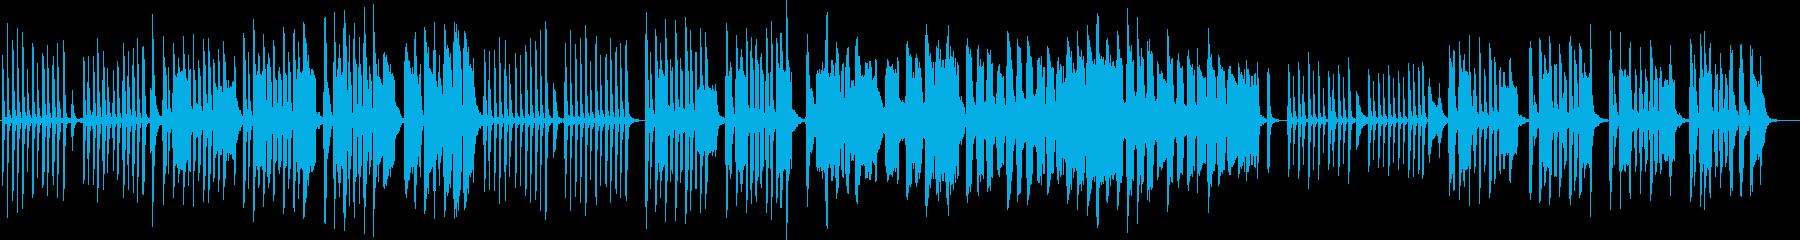 拙いピアノと口笛のかわいい曲の再生済みの波形